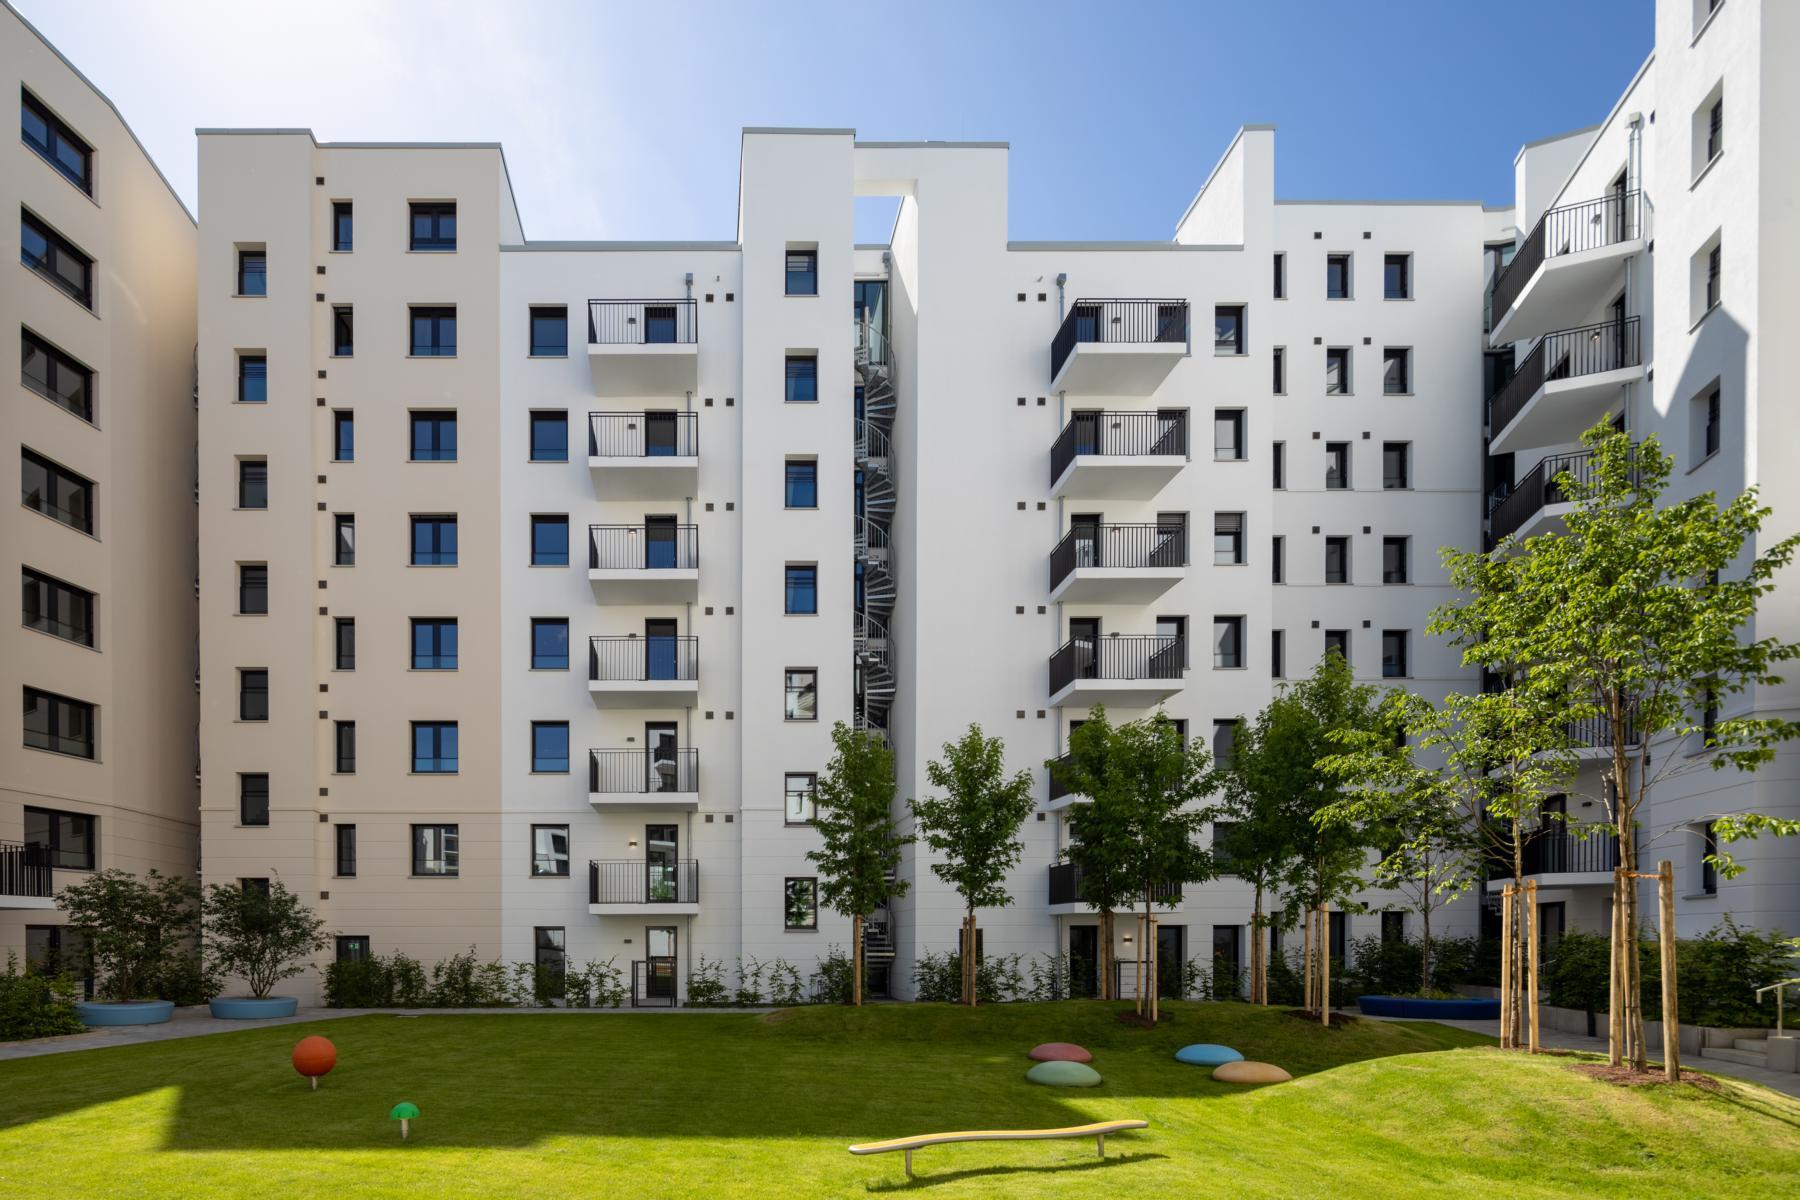 20200529_015a_PBP Architekten ©DUCKEK Hafenparkquartier Herr Pastuschka__G9A4686